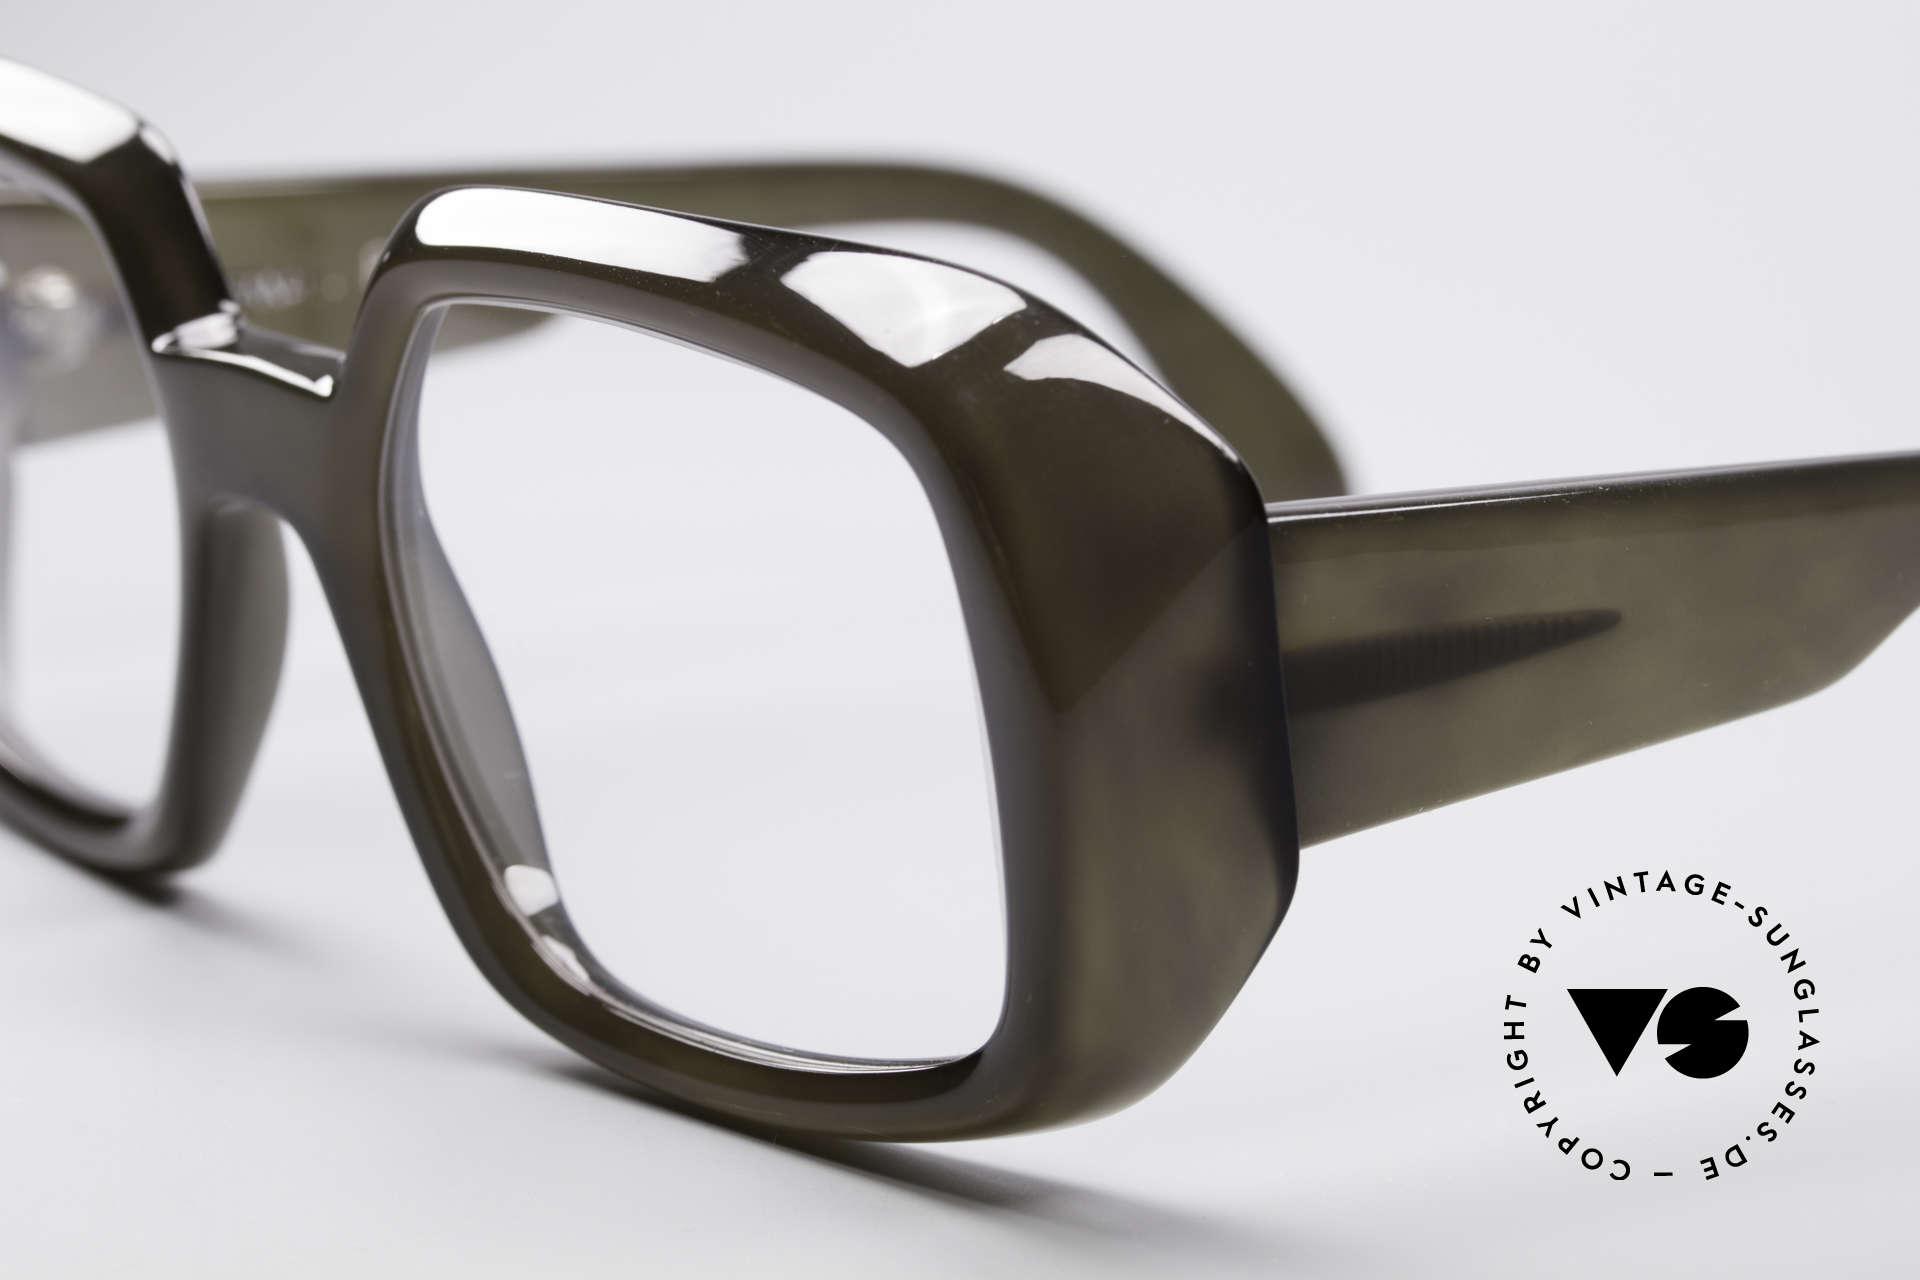 ViennaLine Royal 1601 Goliath Monsterbrille, in 1970er Jahren produziert und für die Ewigkeit gemacht, Passend für Herren